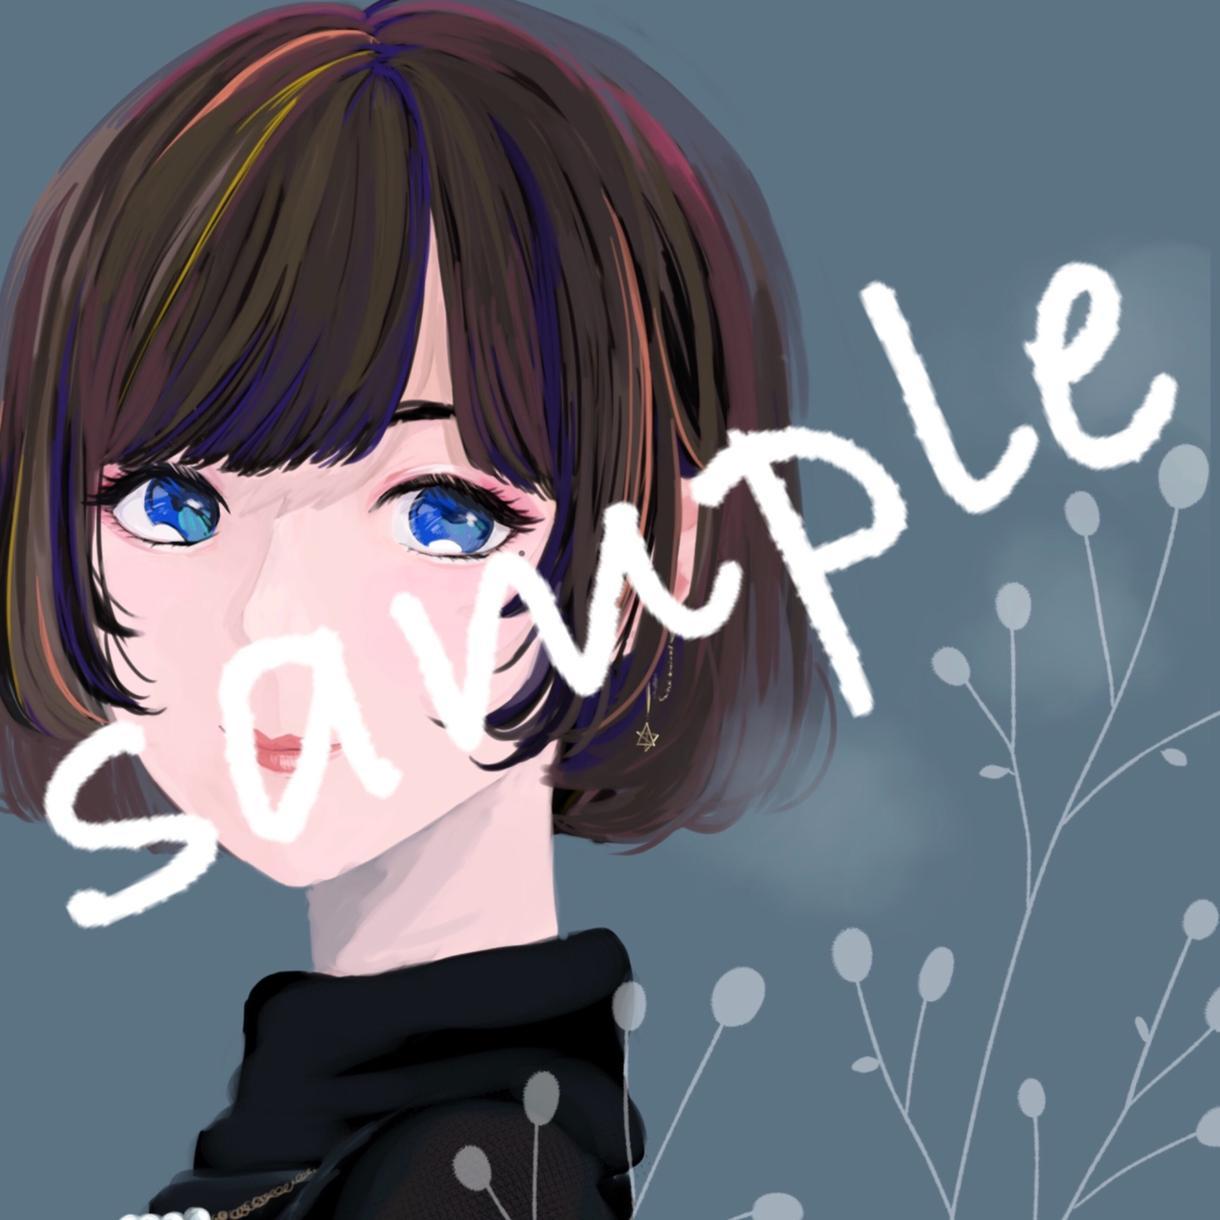 SNS用アイコン描きます かっこよくて可愛いおしゃれなアイコン提供します!